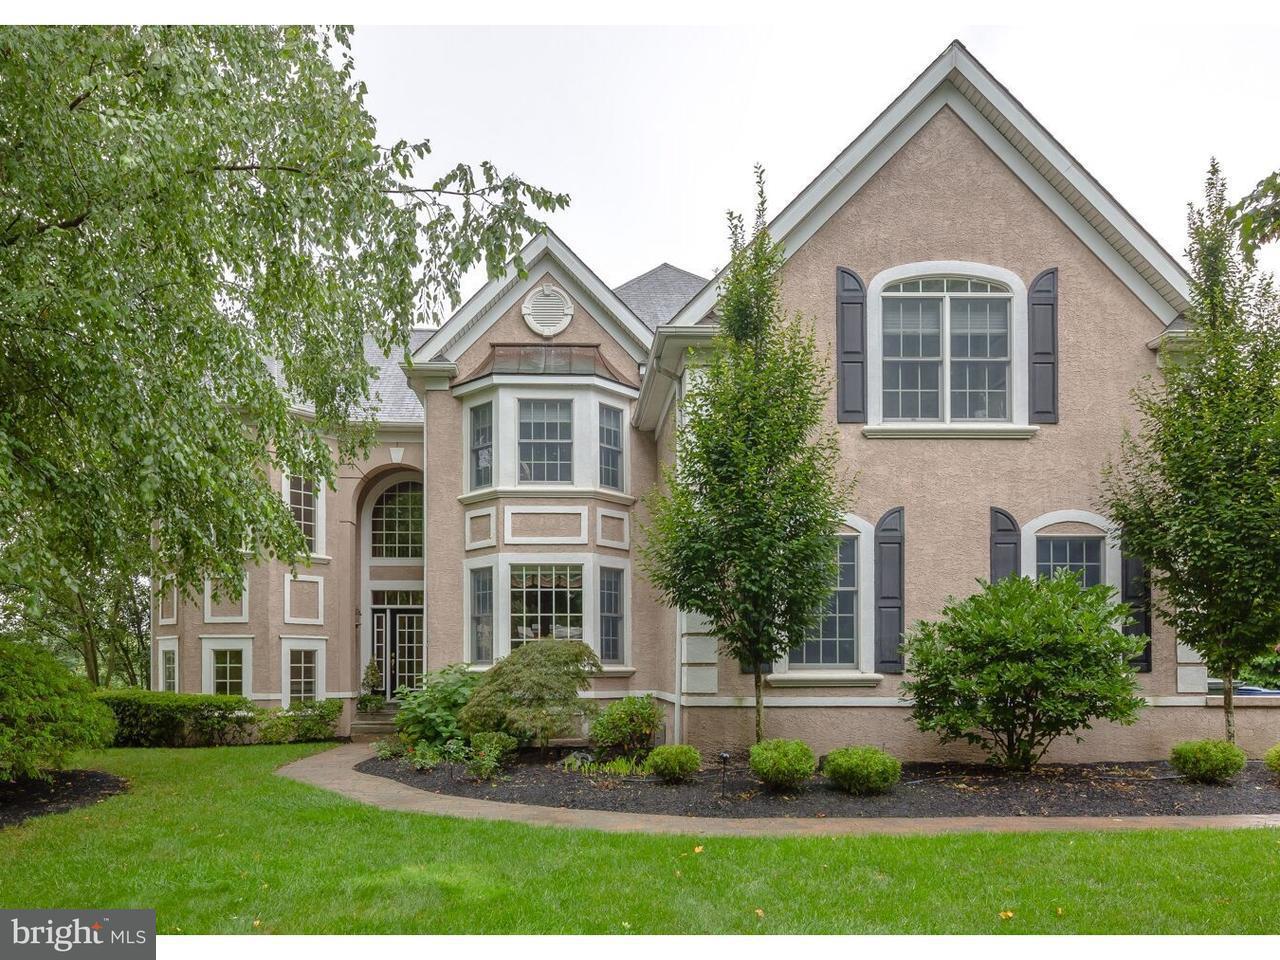 Частный односемейный дом для того Продажа на 732 RYDAL GREEN Drive Jenkintown, Пенсильвания 19046 Соединенные Штаты